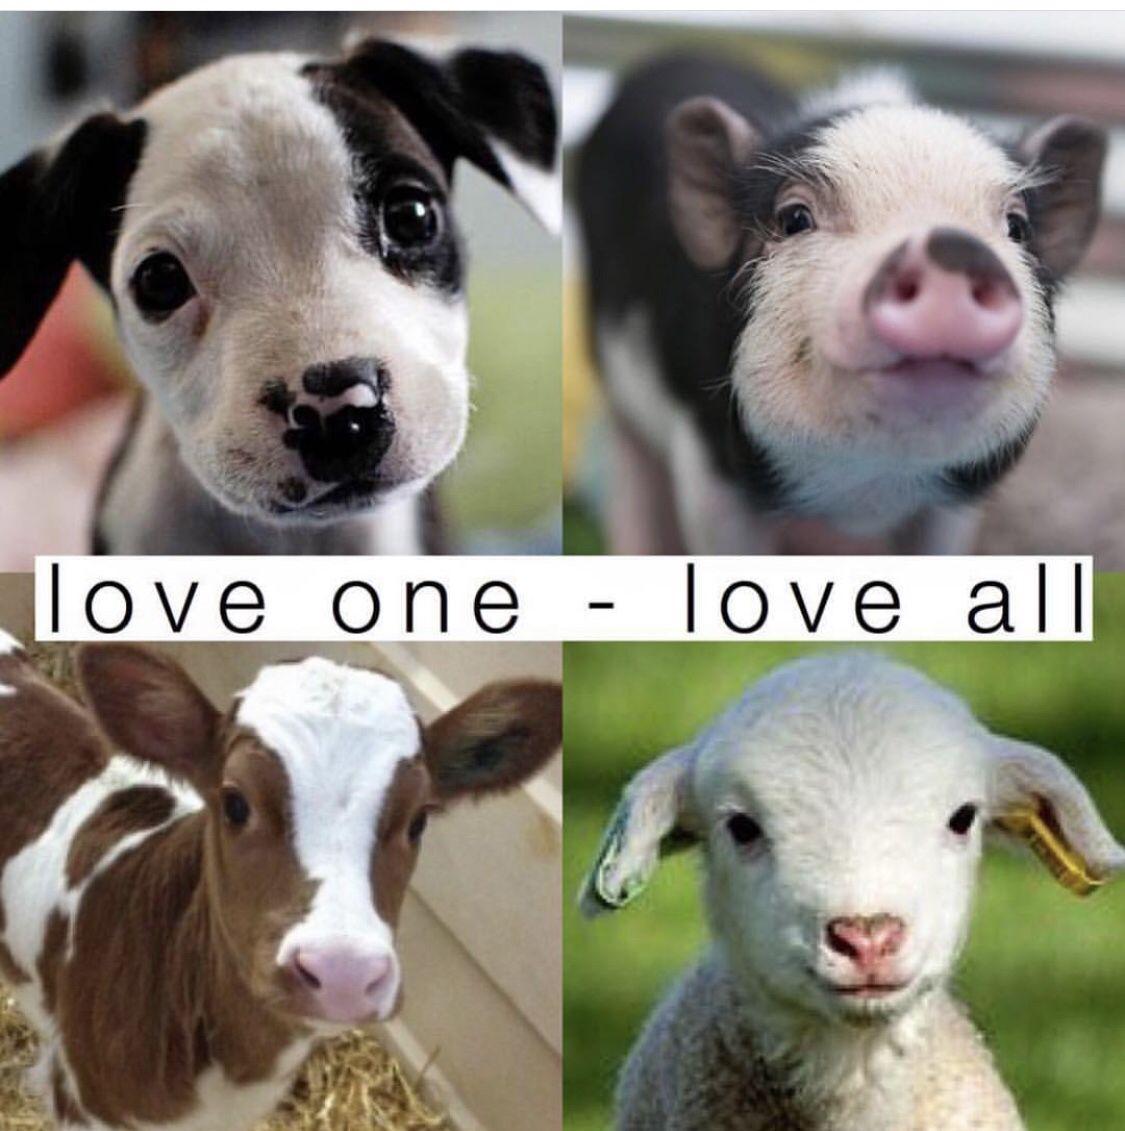 #veganquotes